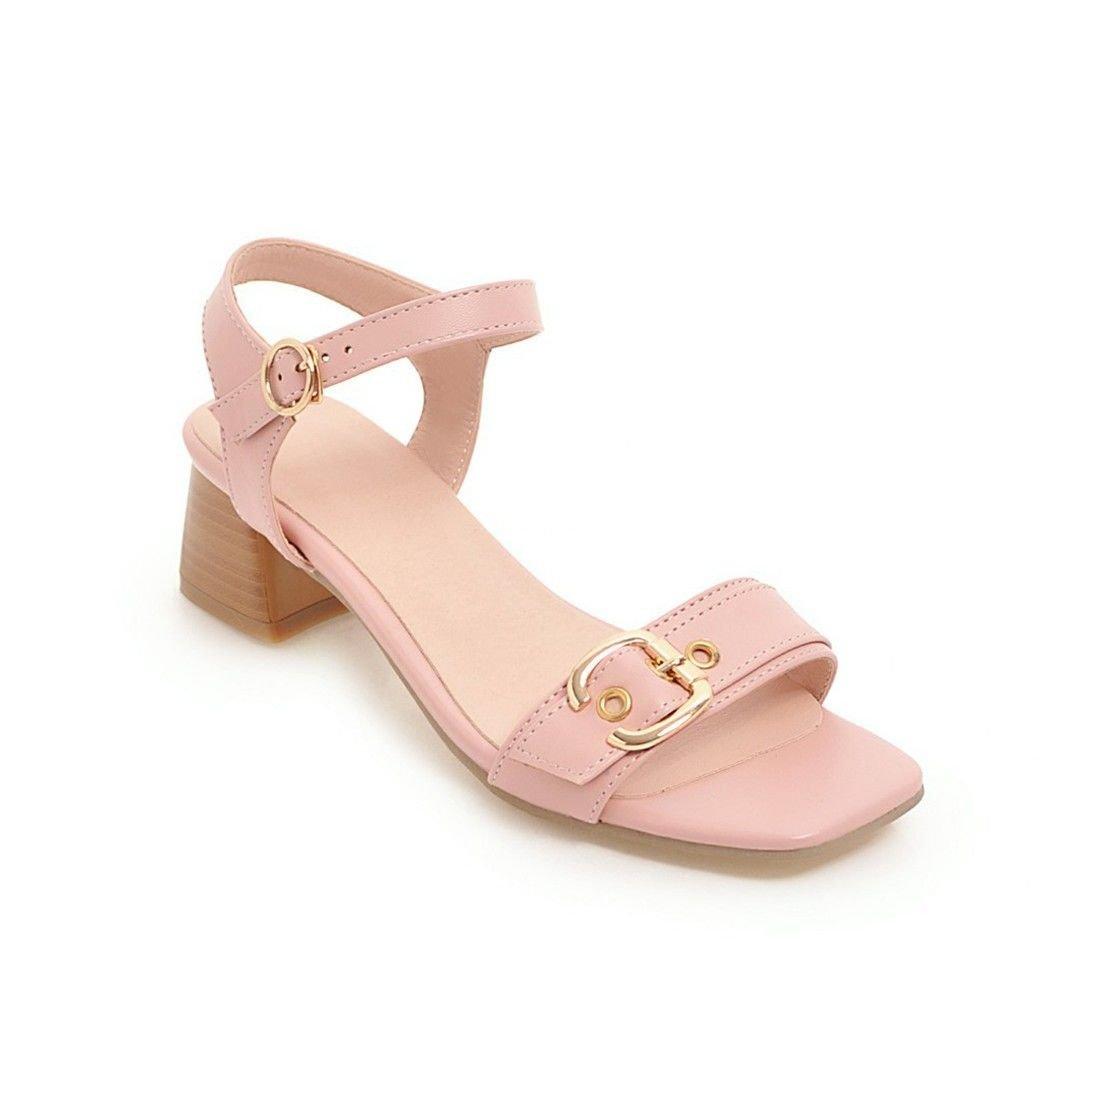 AIKAKA Damenschuhe Fruuml;hling Sommer Groszlig;e Grouml;szlig;e Raue Ferse Sandalen  41 EU|Pink